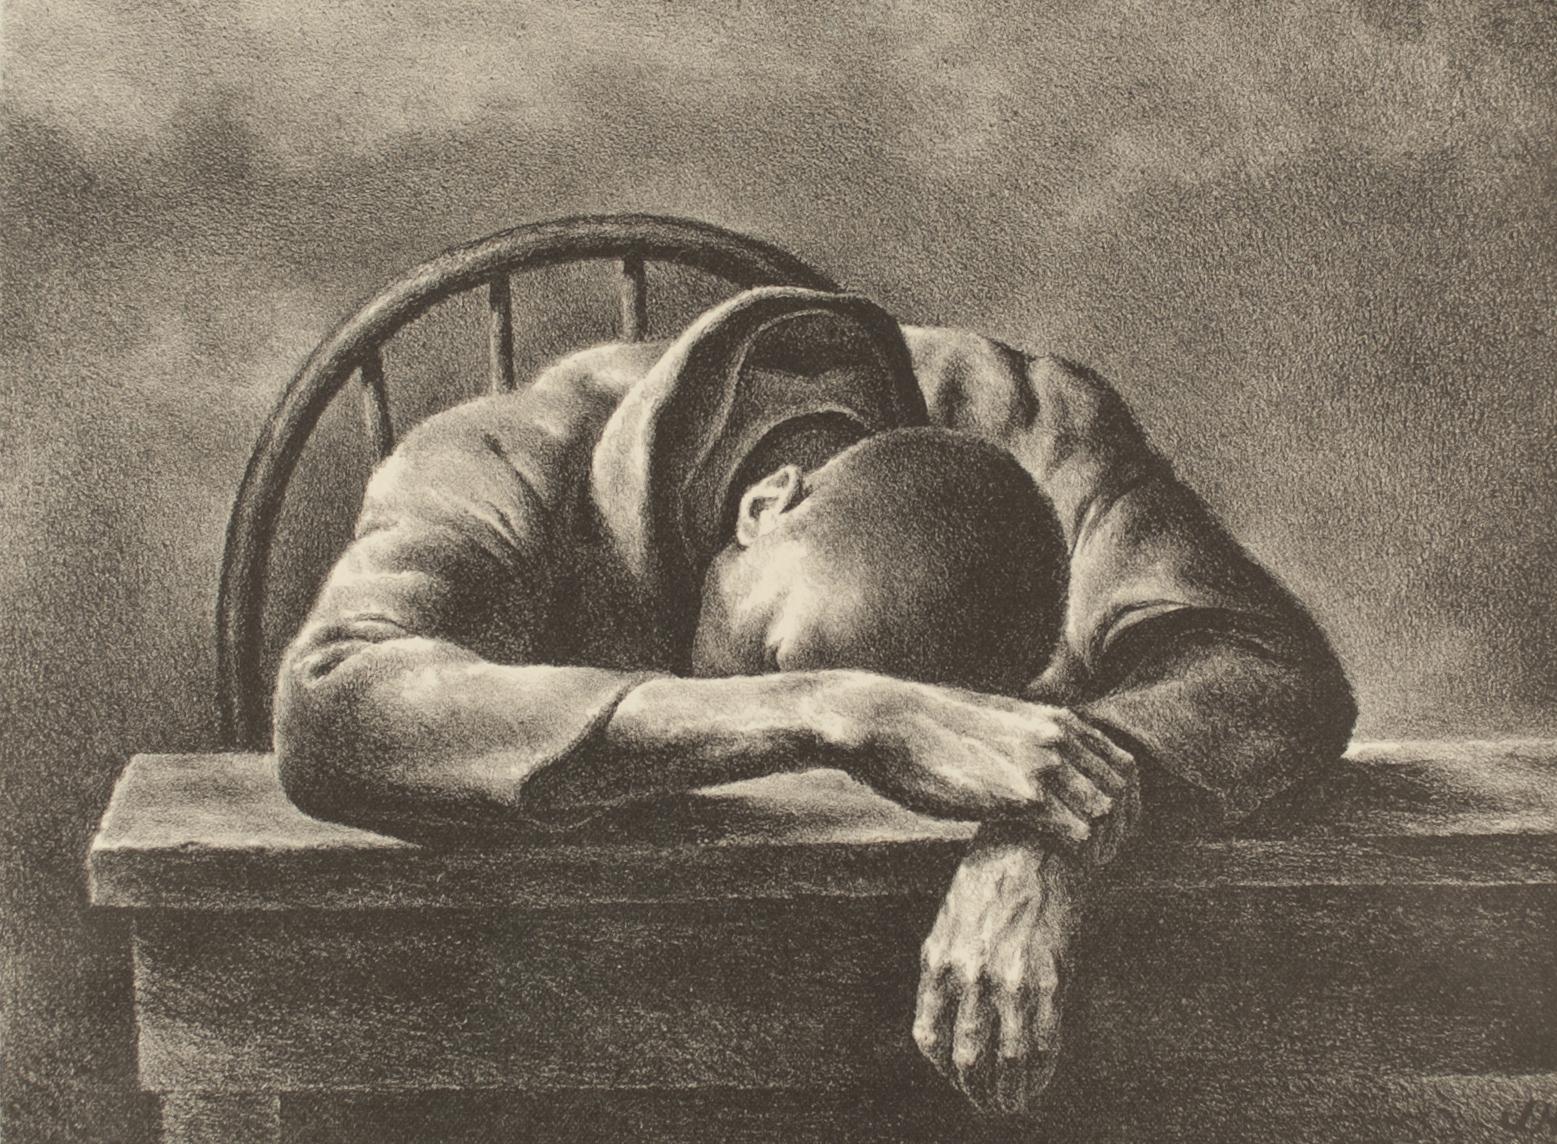 Man asleep with head on table